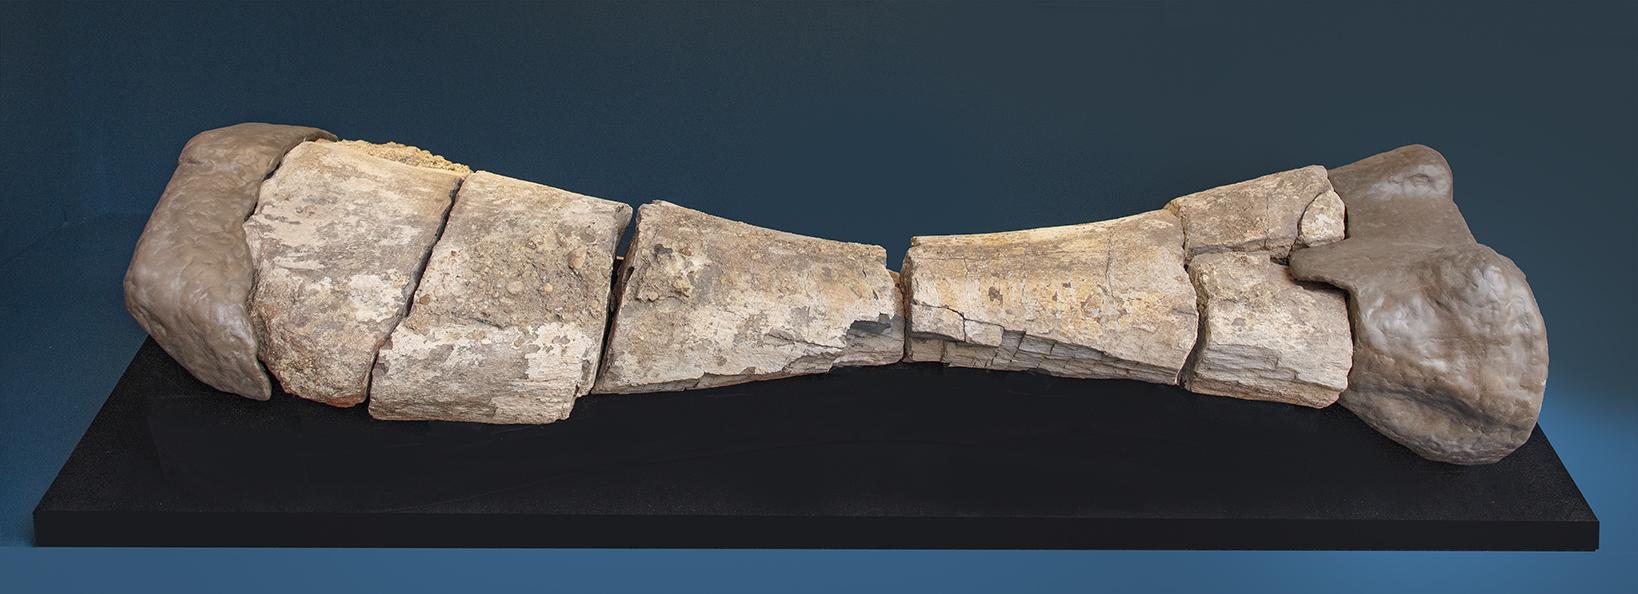 Alamosaurus Bone